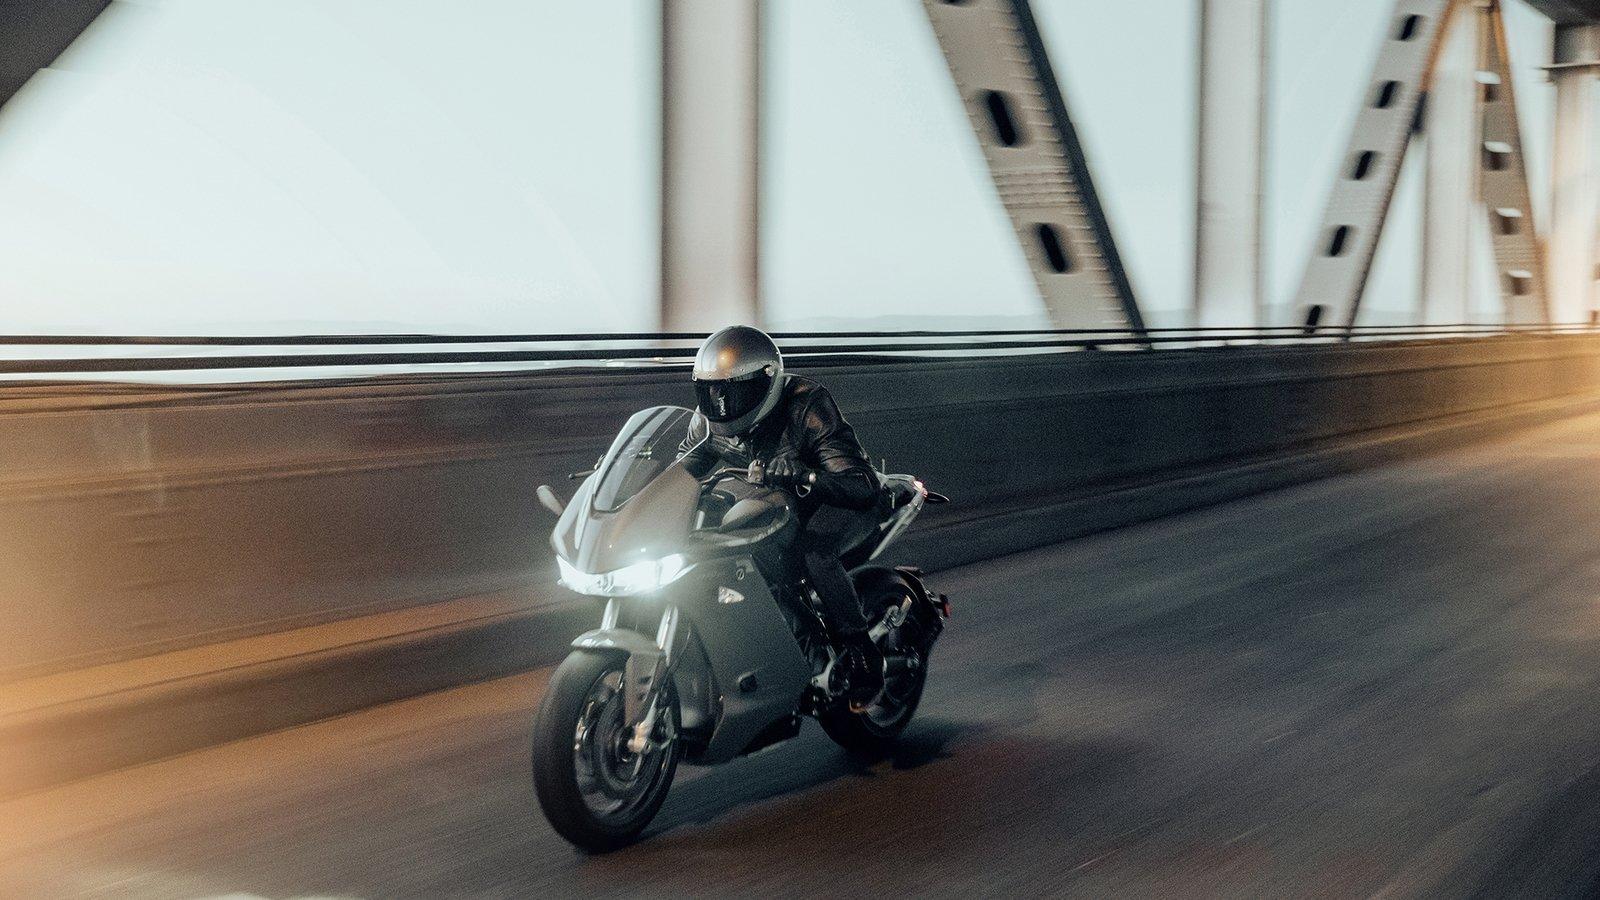 Представлен электроцикл Zero SR/S 2020